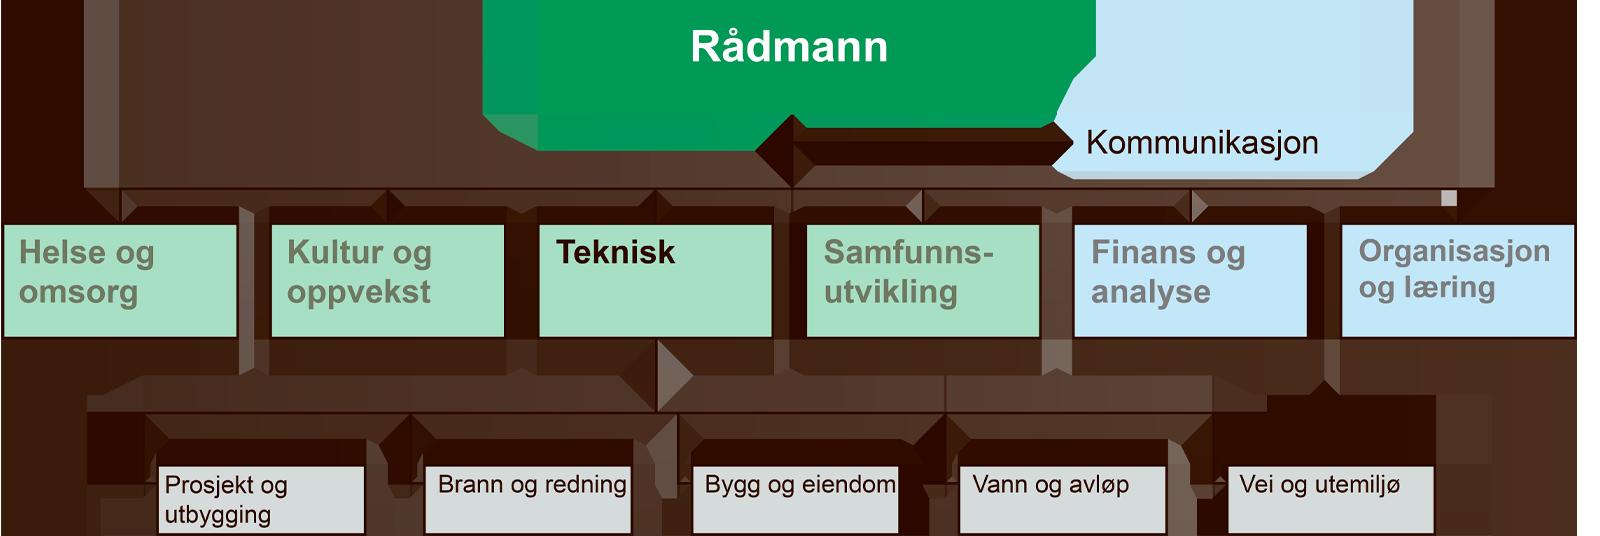 Organisasjonskart over tekniske tjenester